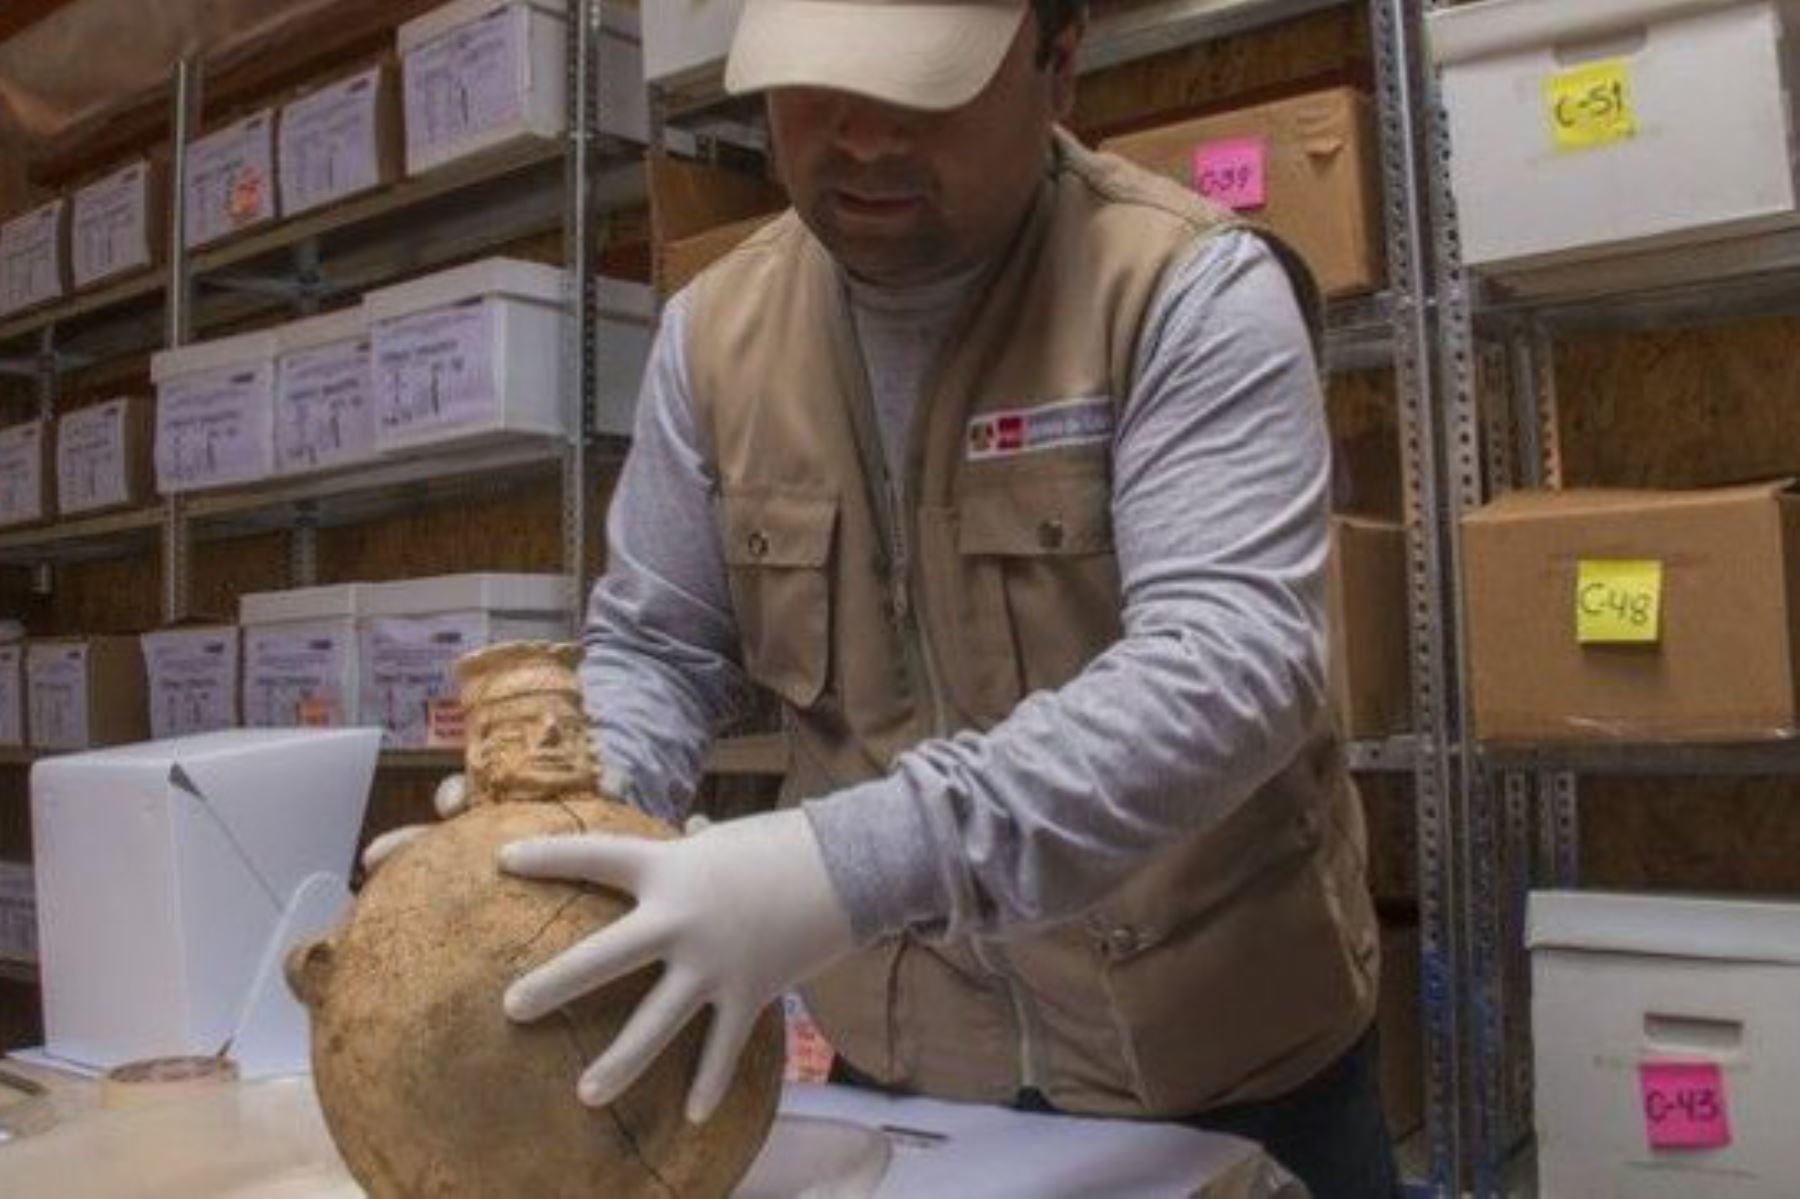 Expertos sostienen que los hallazgos arqueológicos en Marcahuamachuco evidencian fluido intercambio cultural